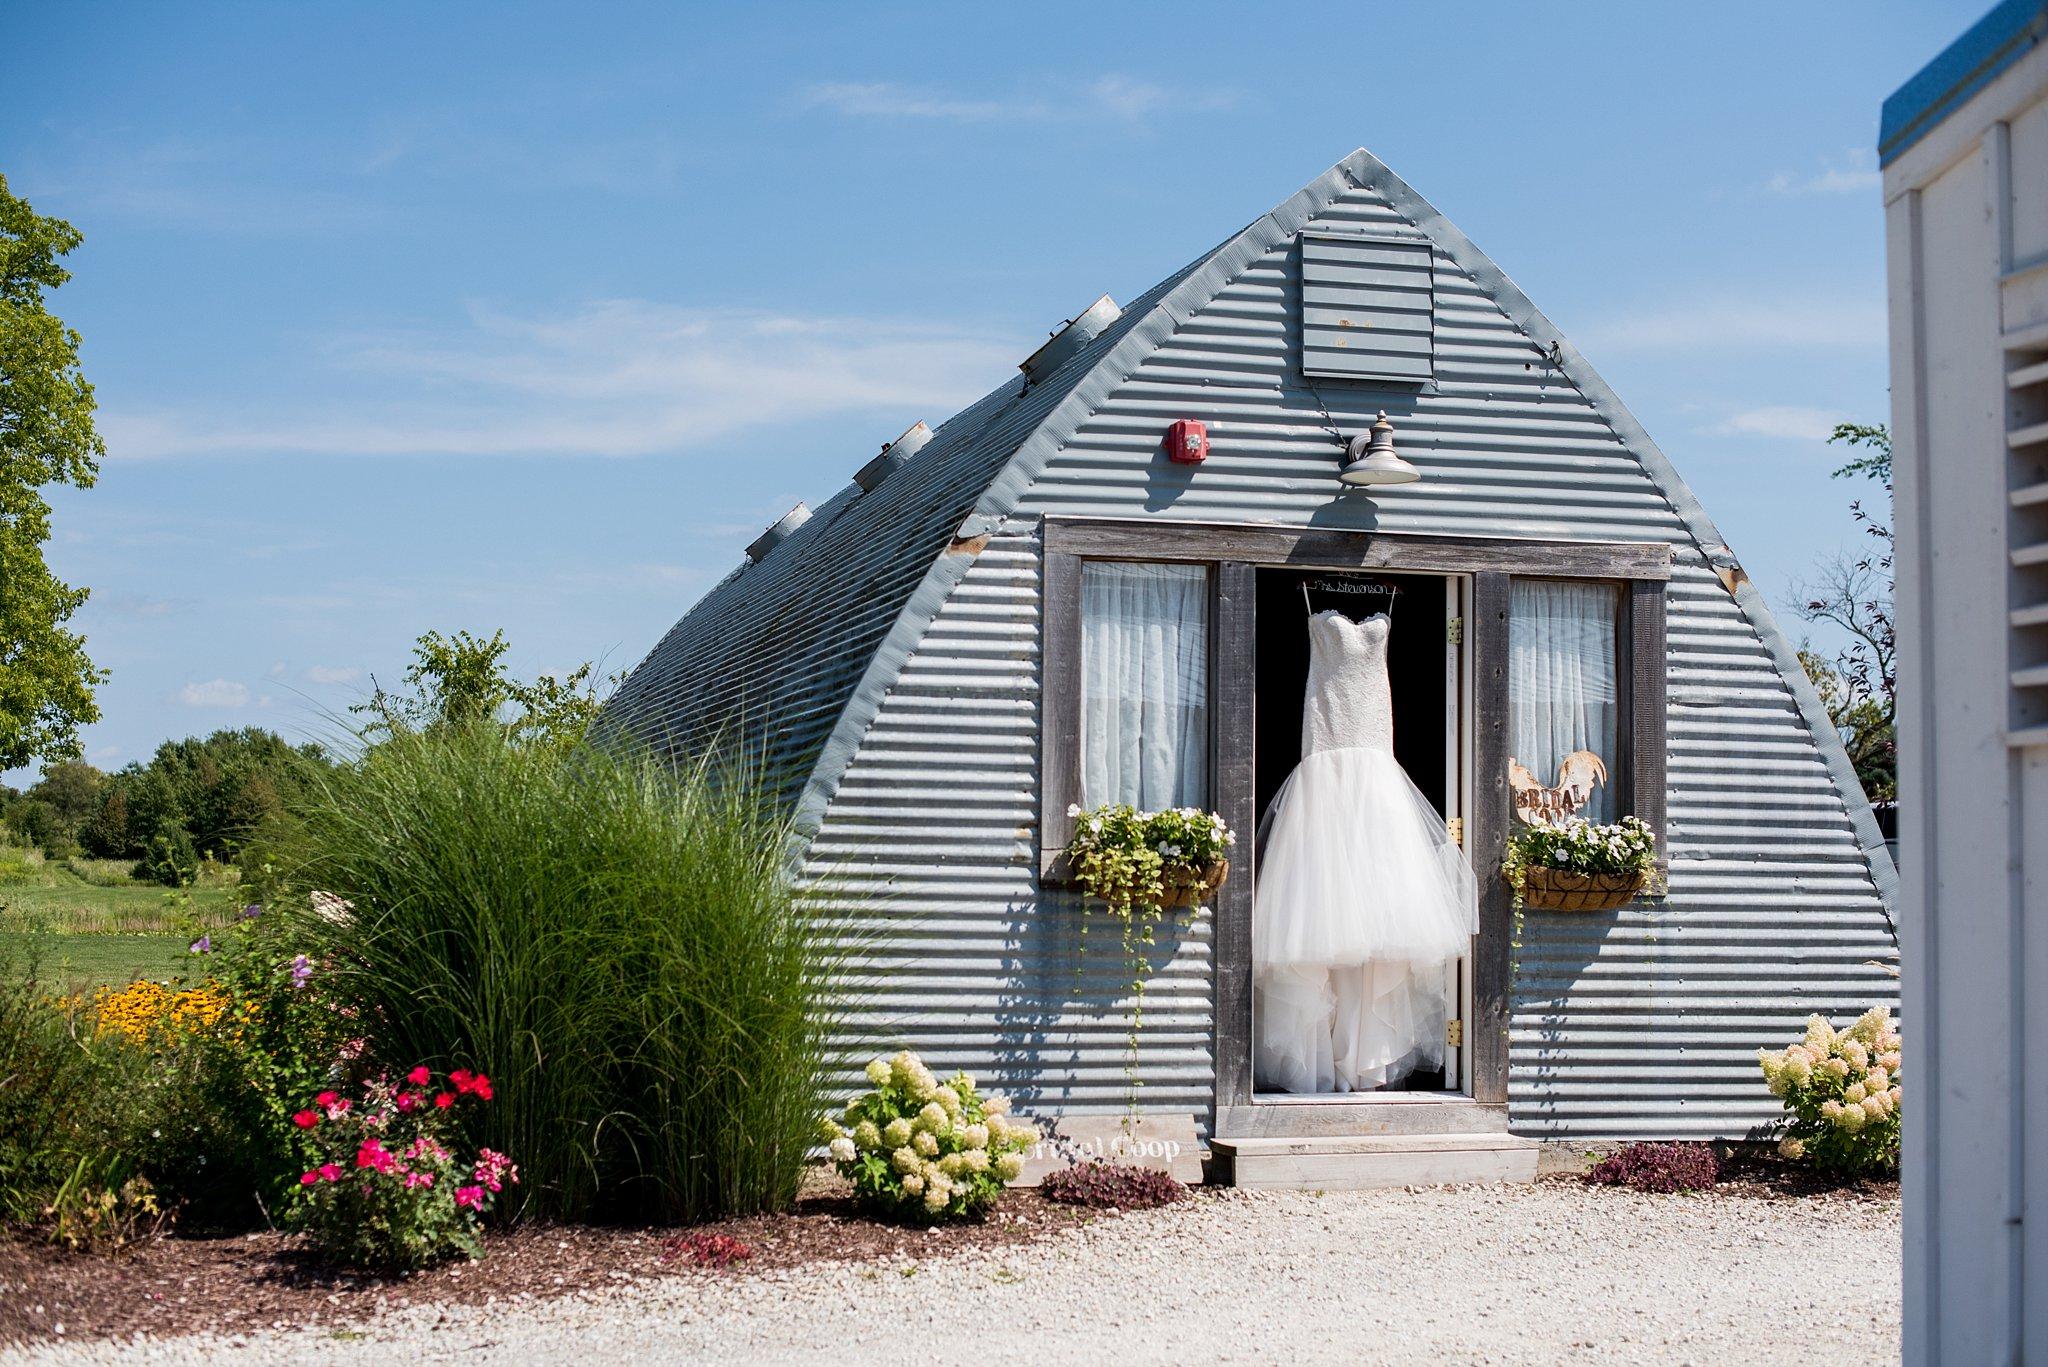 bridal coop, barn wedding, outdoor wedding, summer wedding